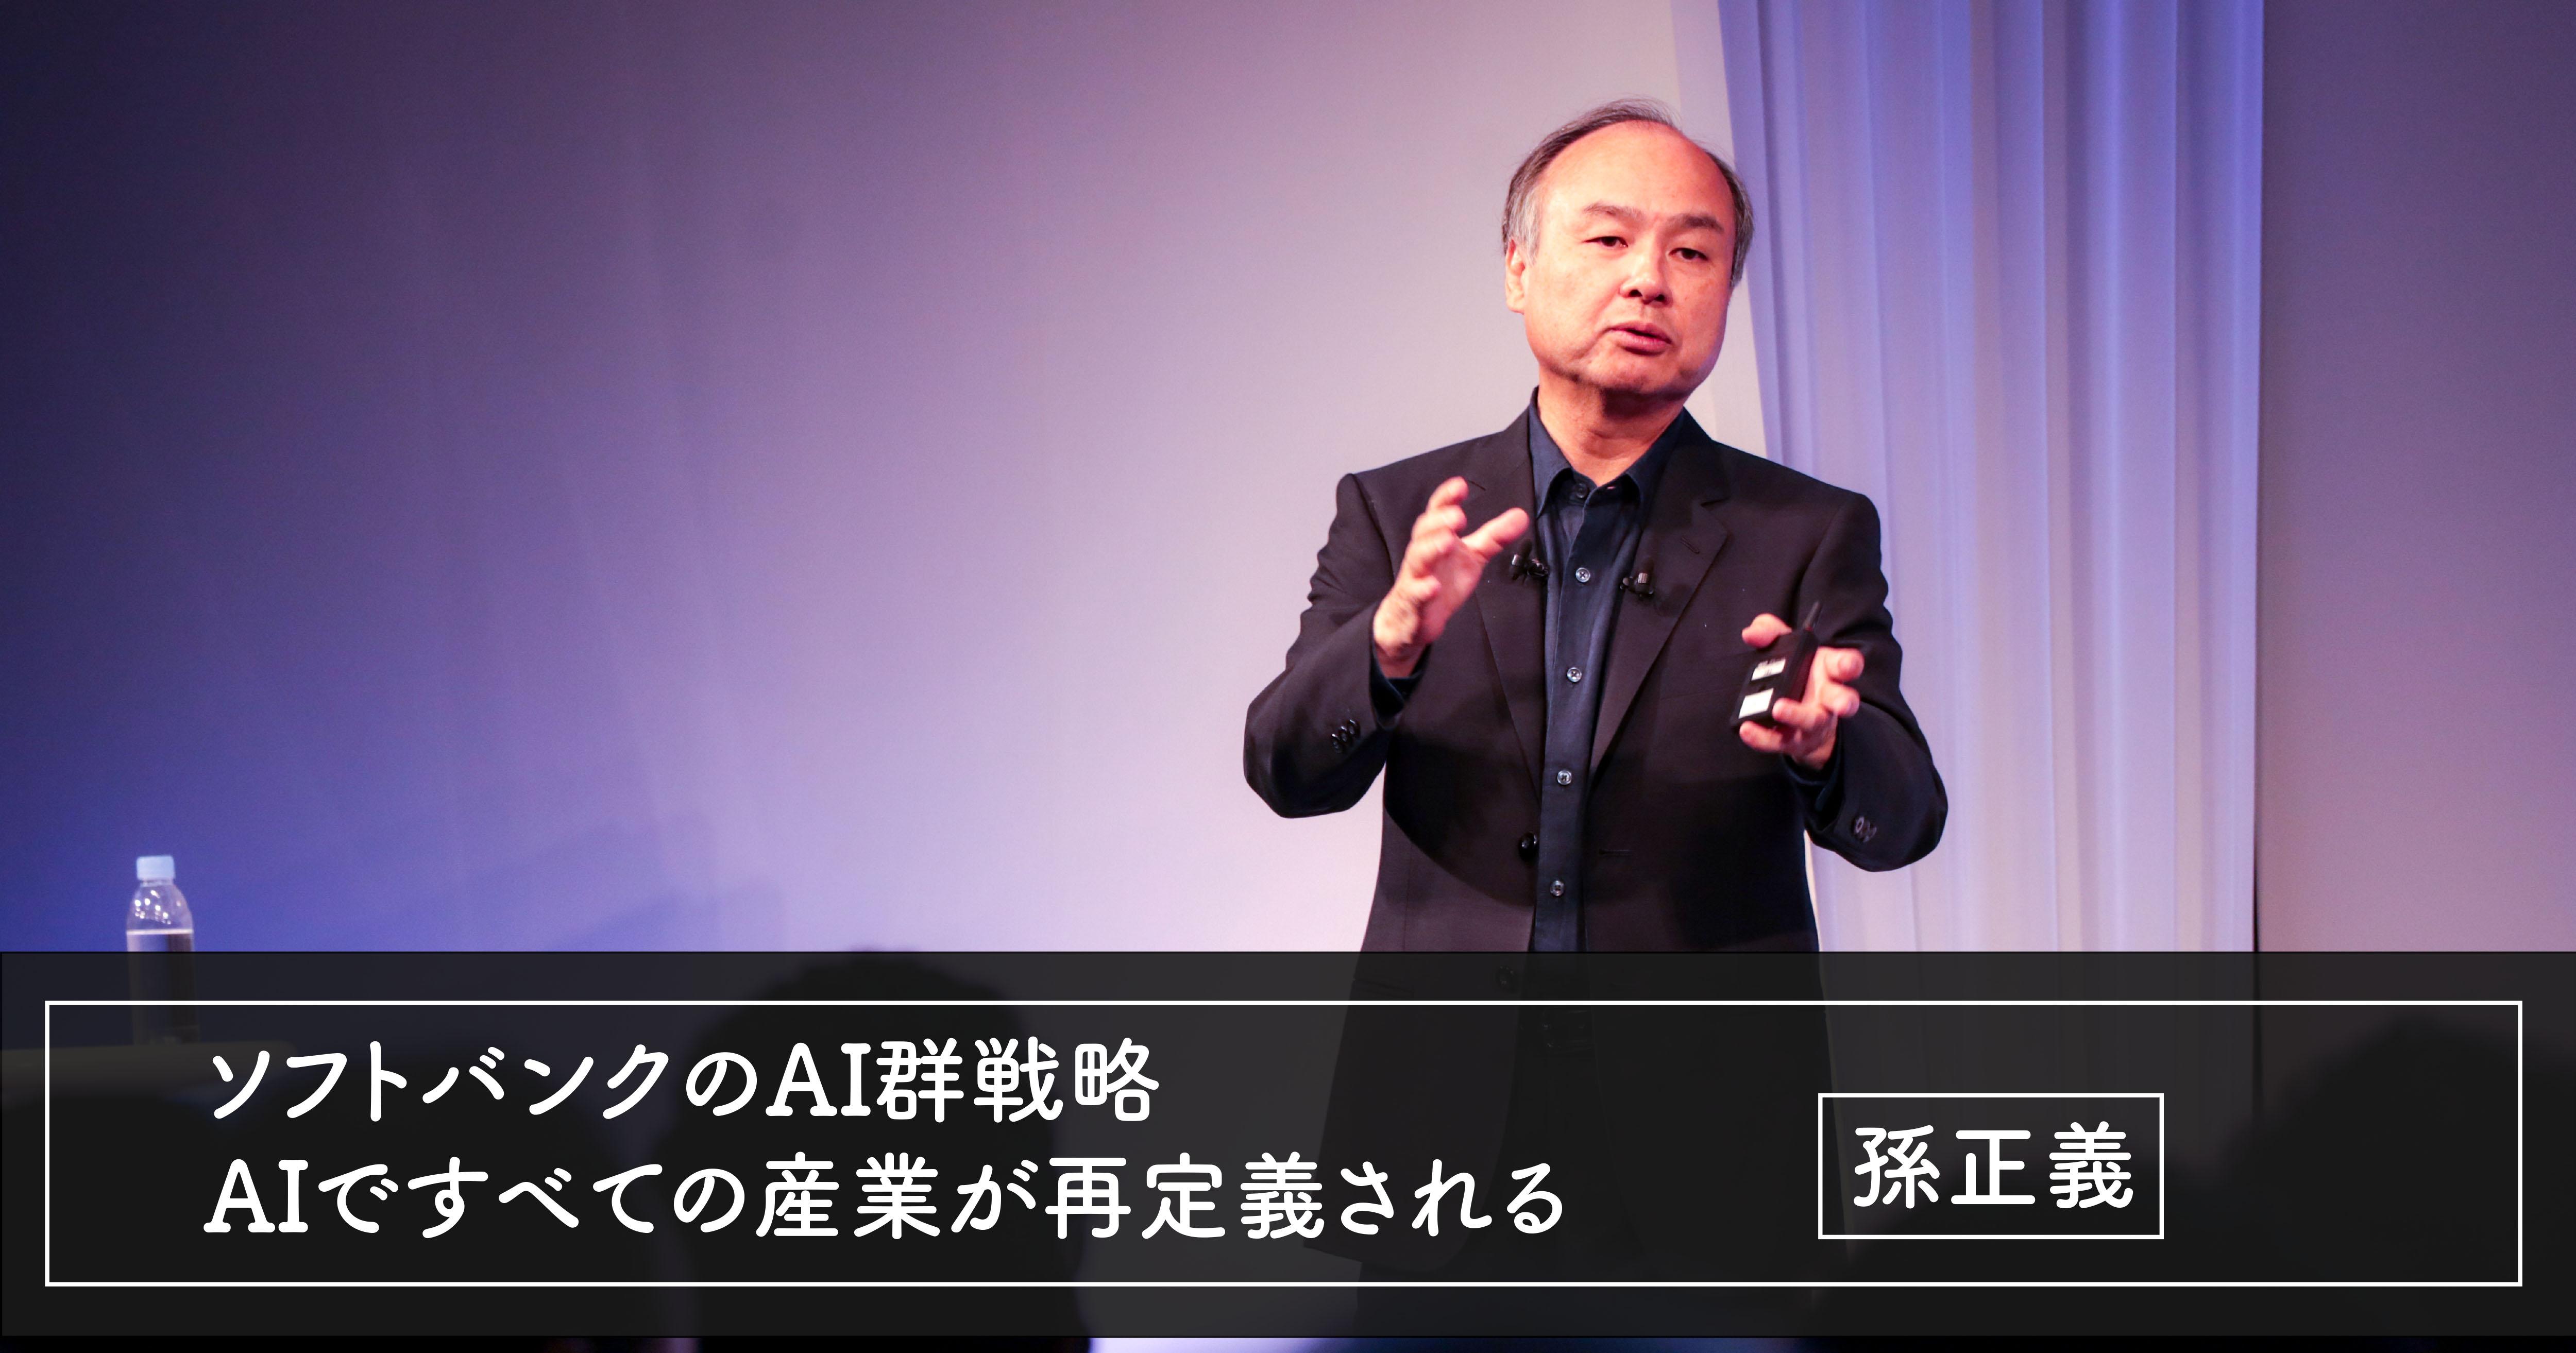 SoftBank World 2018(ソフトバンクワールド2018)